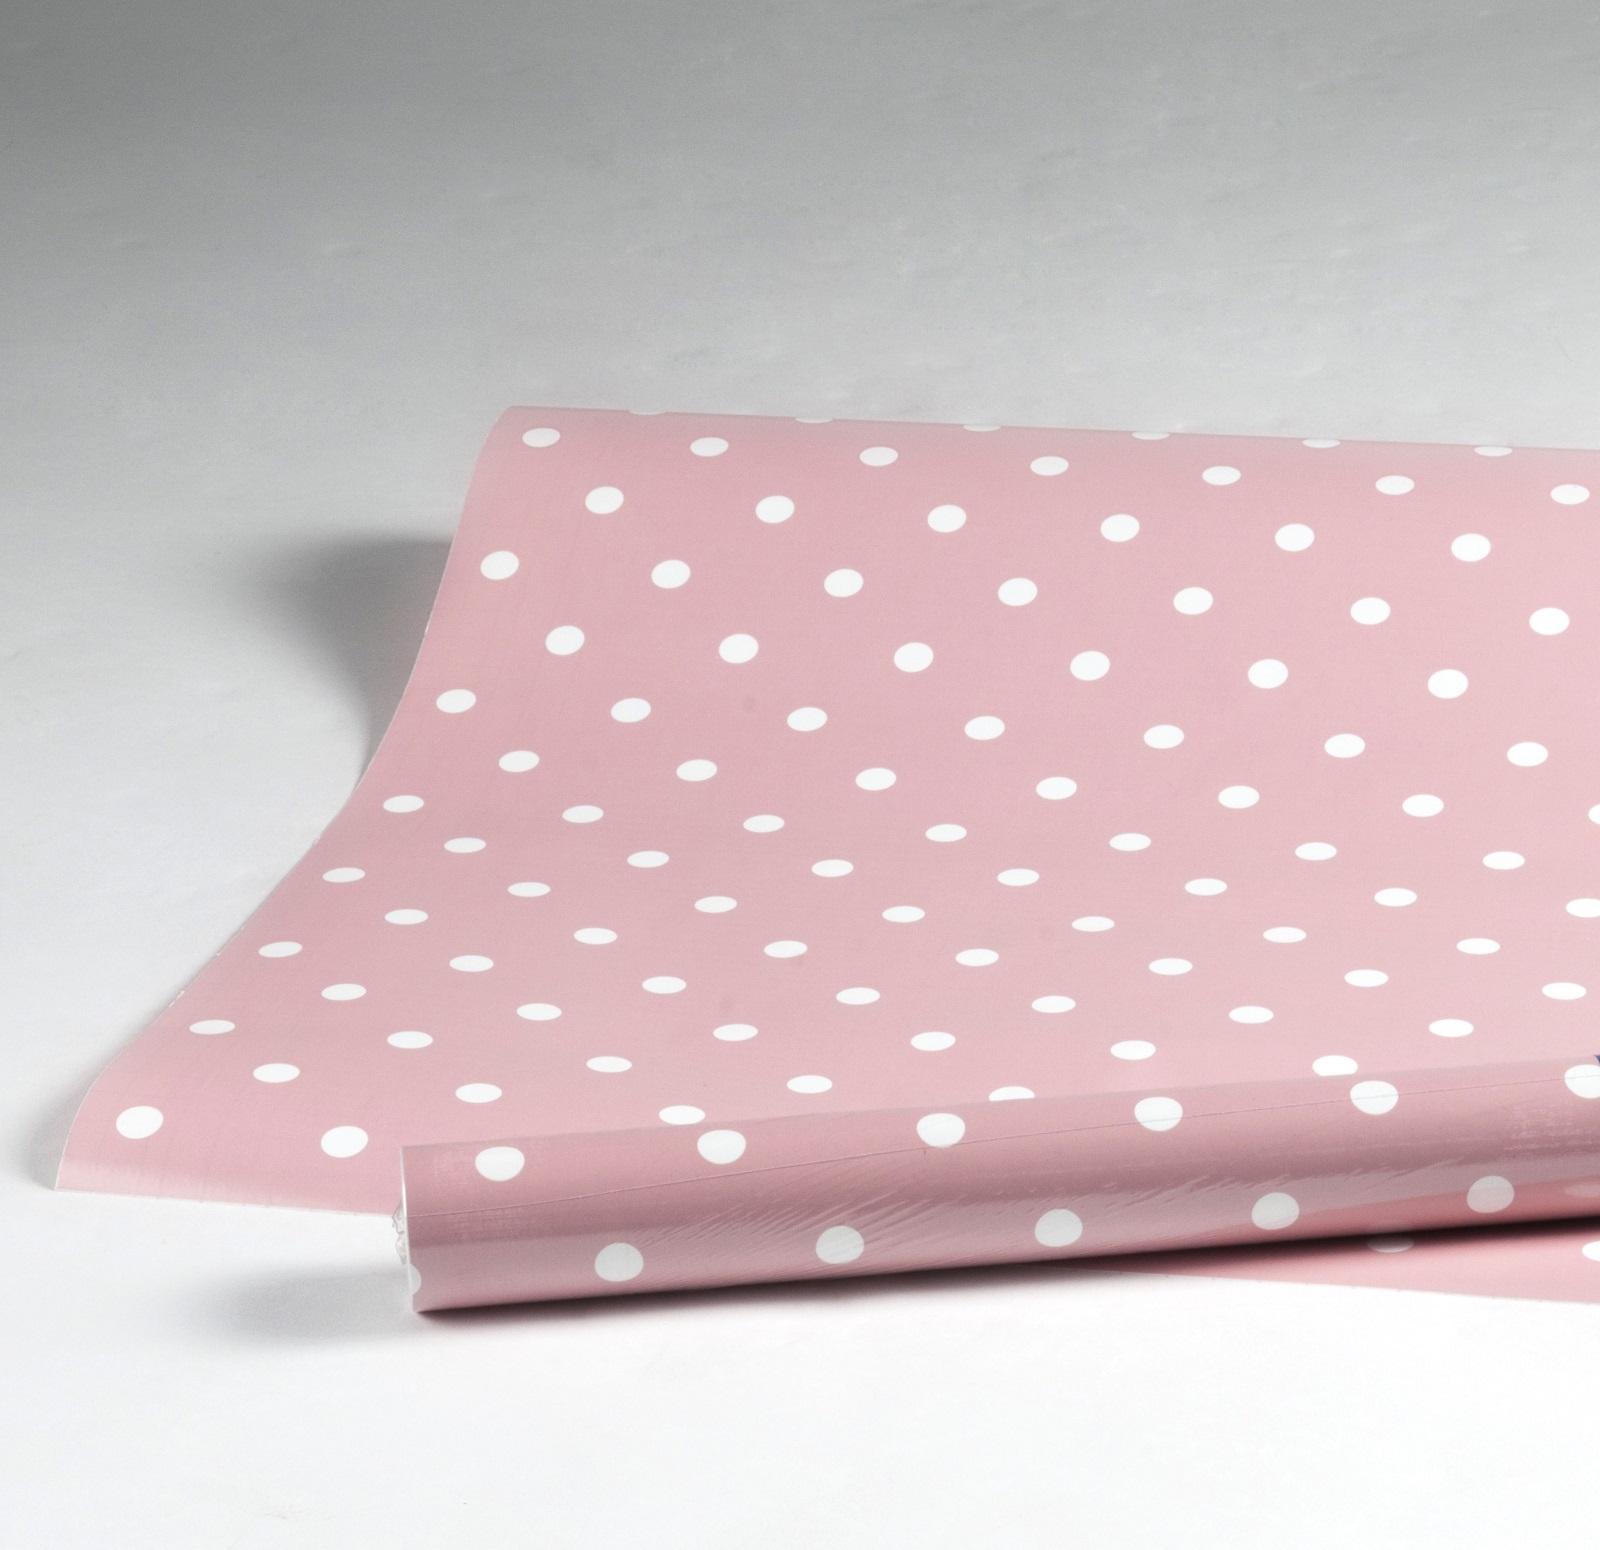 klebefolie dots vintage rosa m belfolie punkte dekorfolie. Black Bedroom Furniture Sets. Home Design Ideas